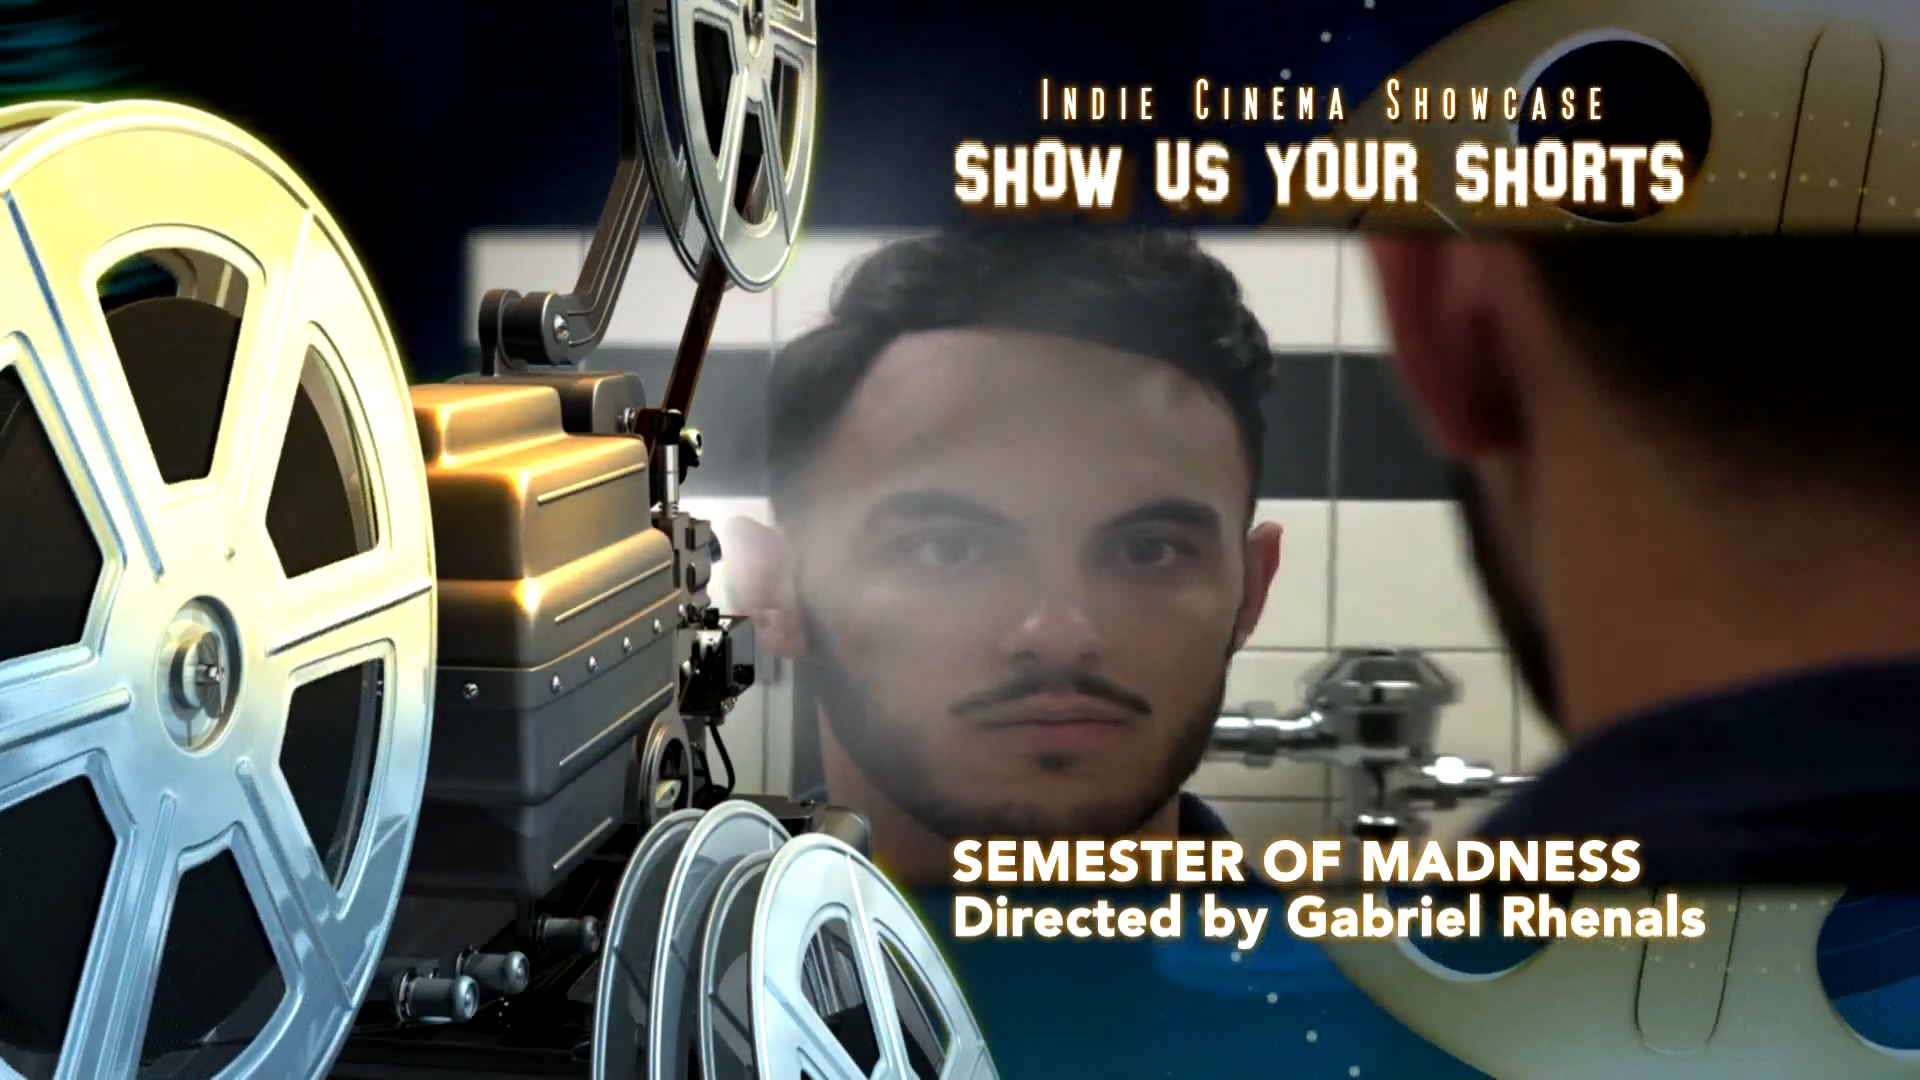 Indie Cinema Showcase!